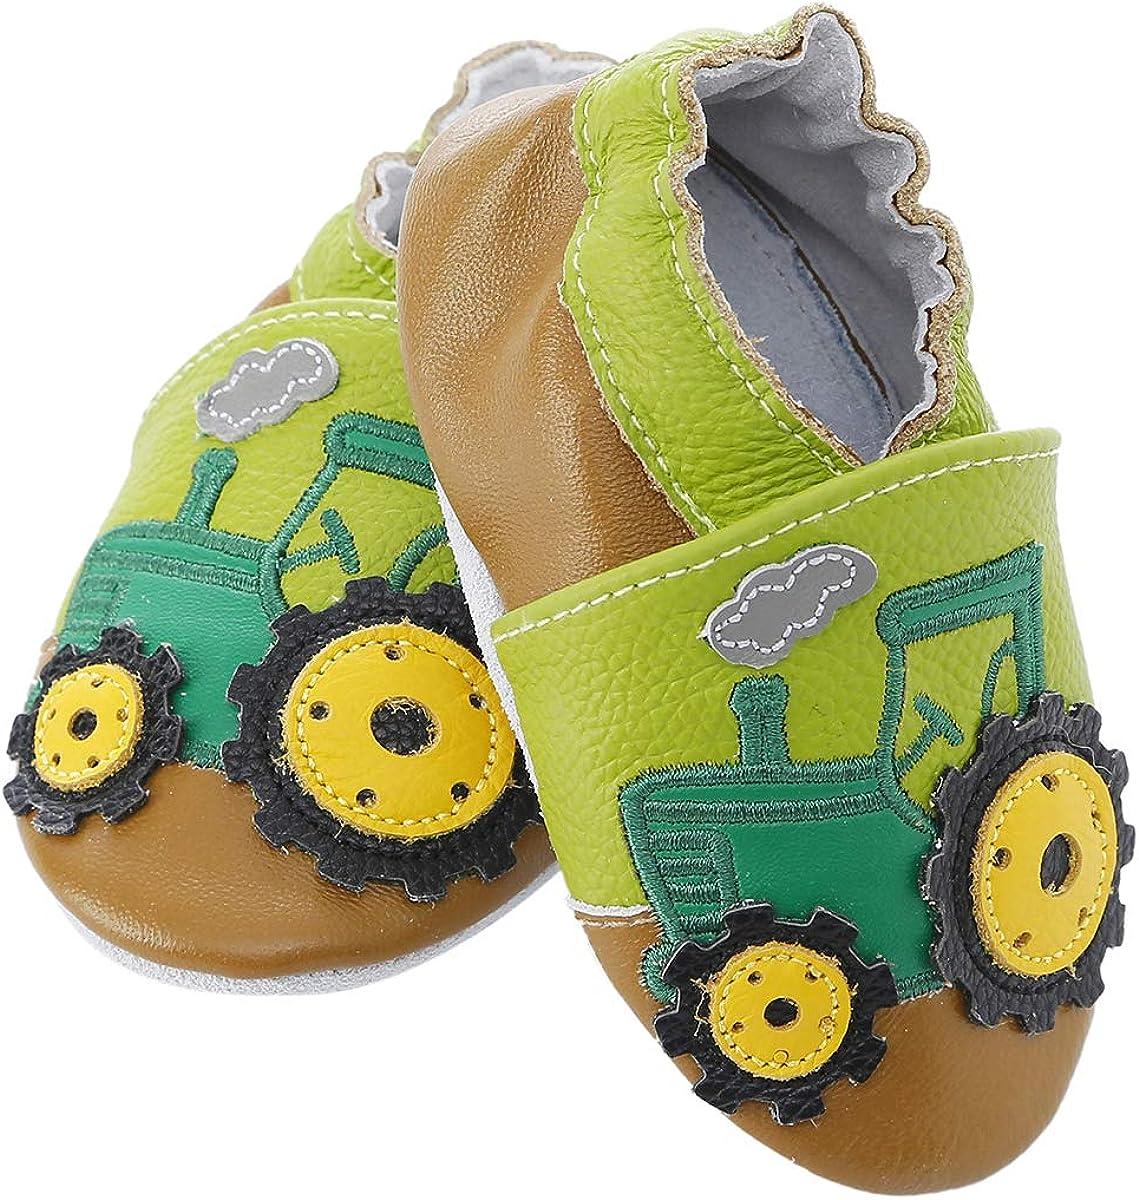 BabyCareV Chaussures de b/éb/é en Cuir Souple avec Mocassins Semelles en Daim pour Enfant